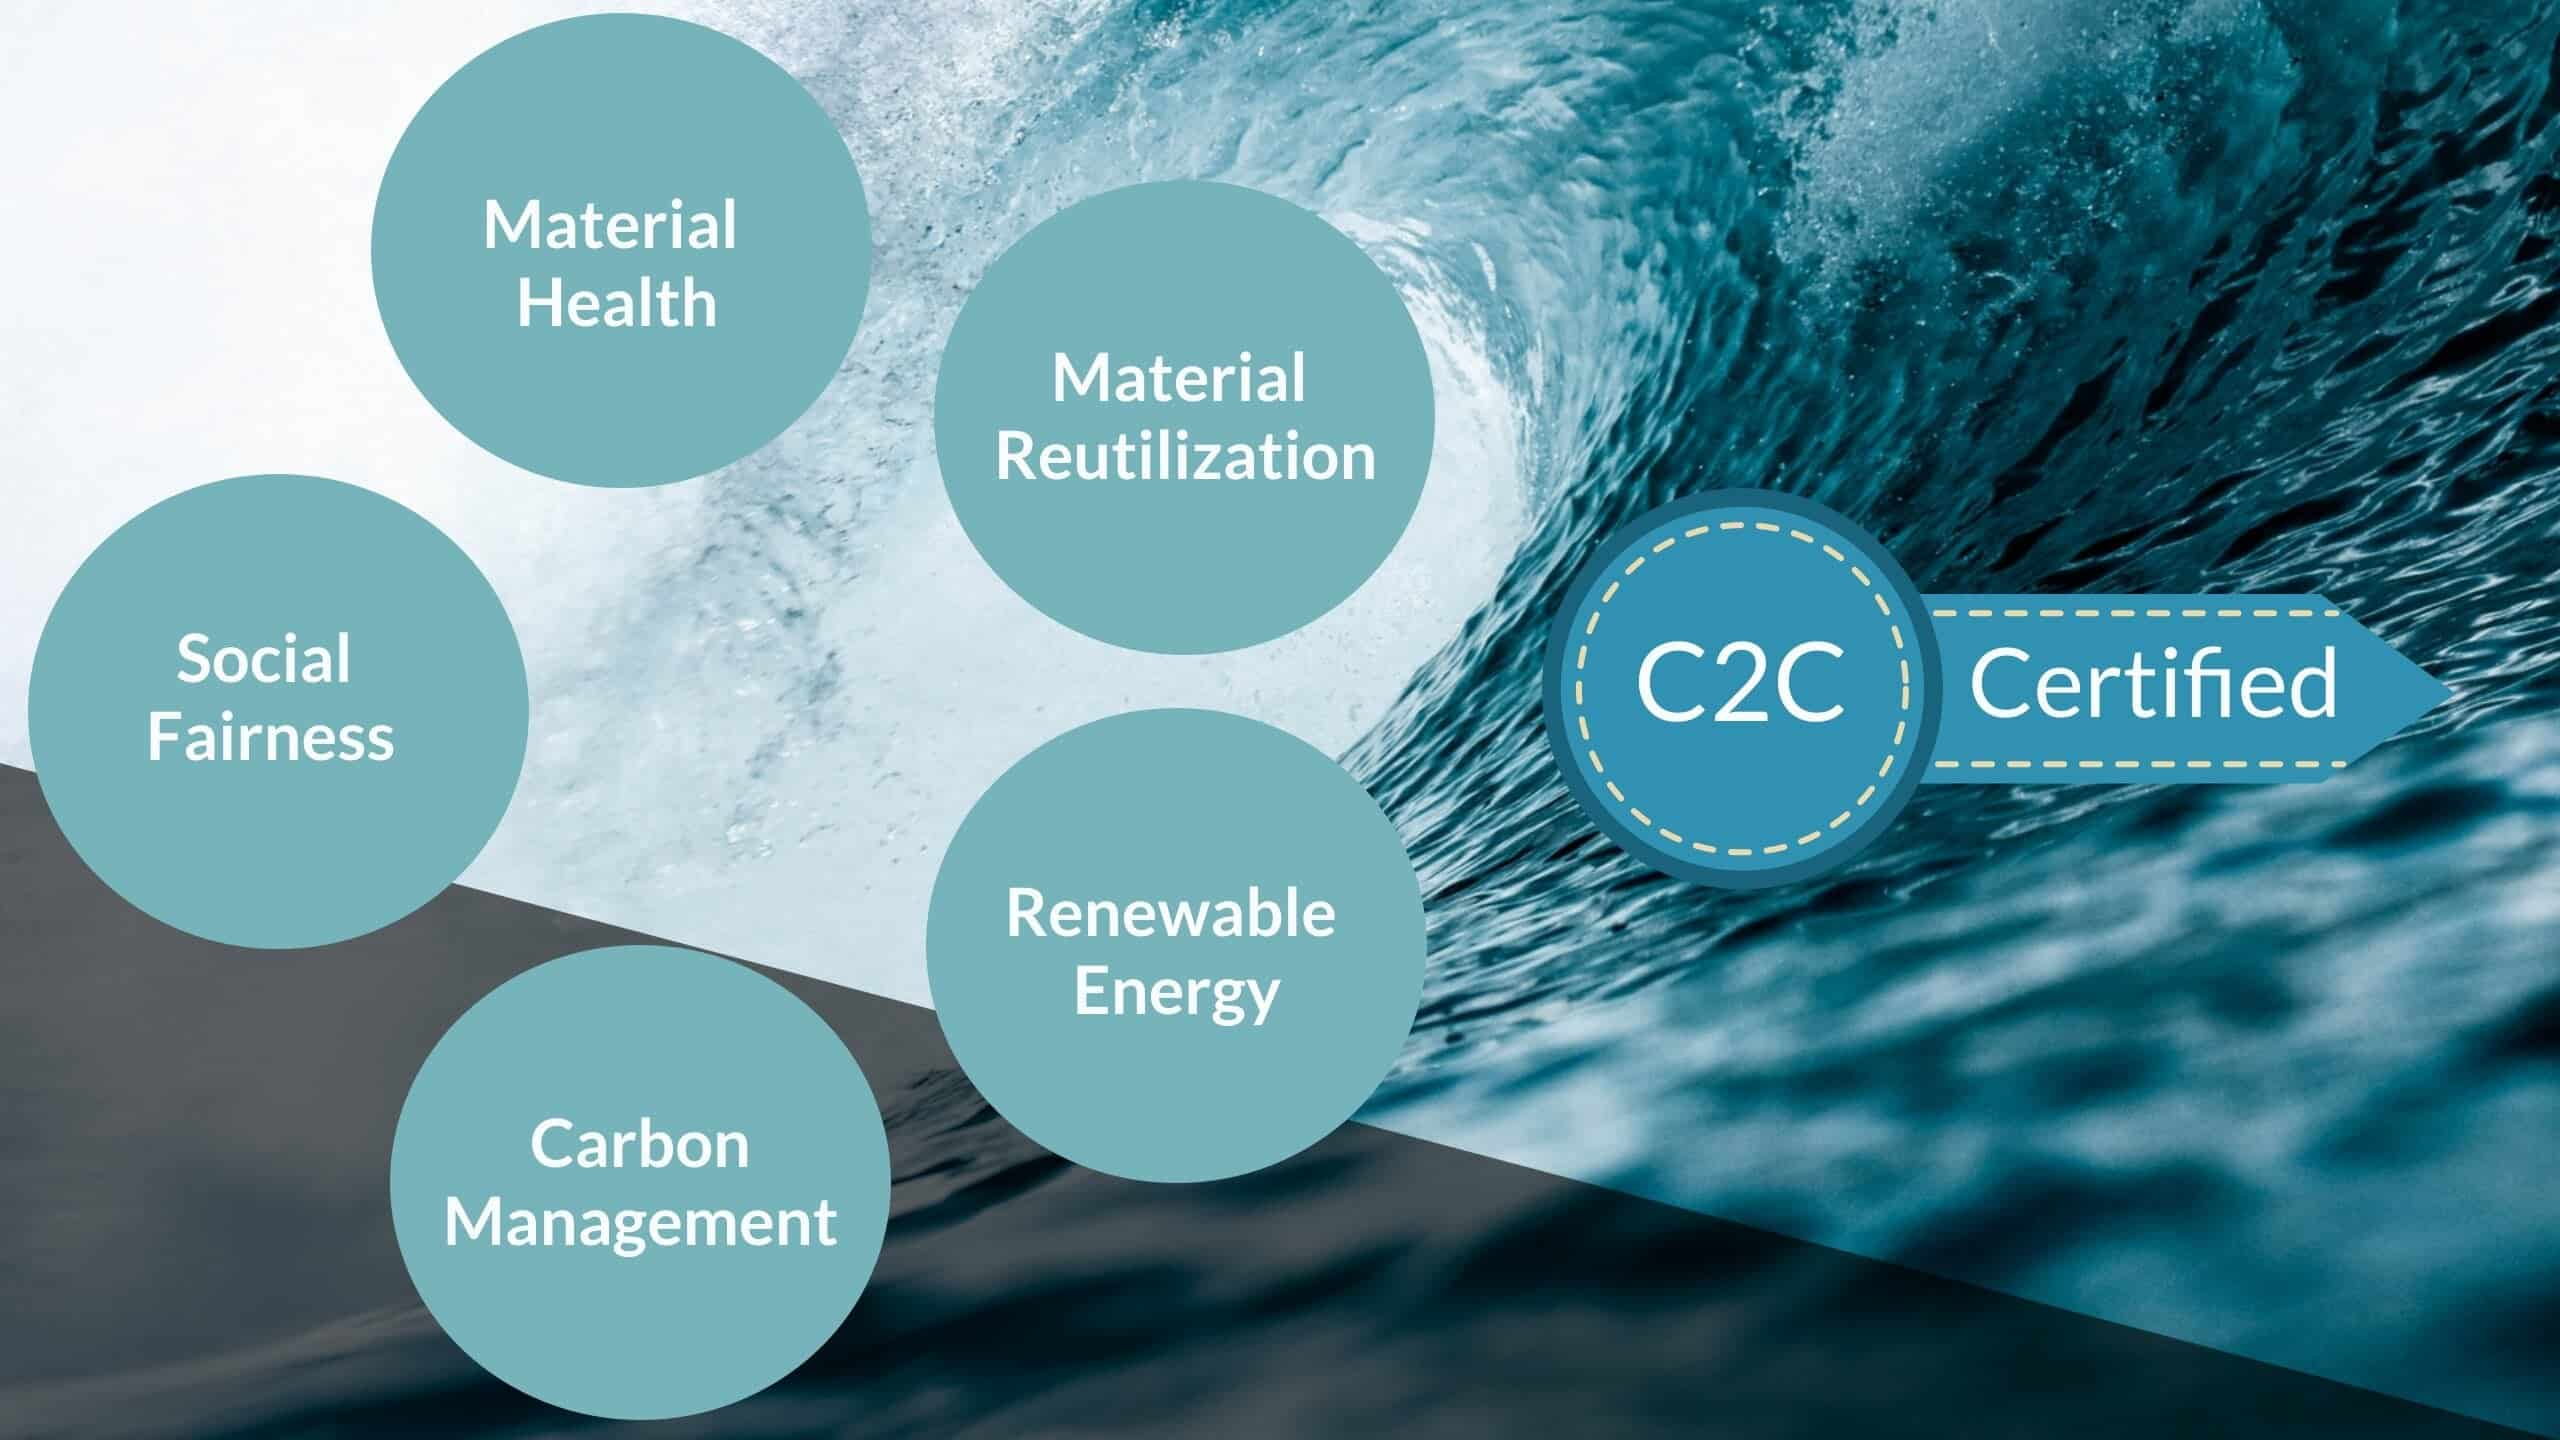 C2C Certificate